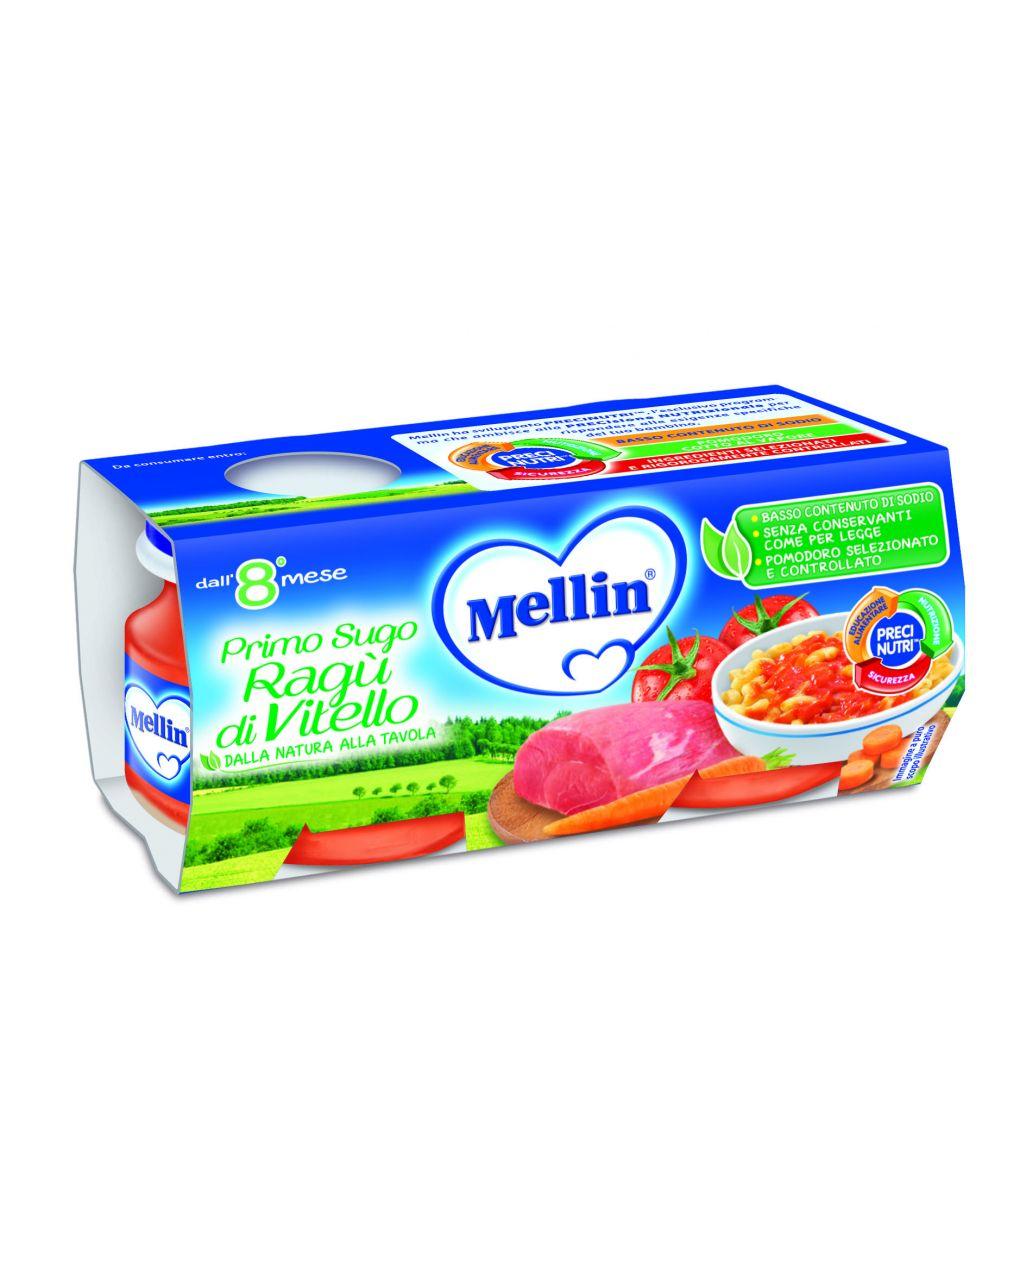 Mellin - sugo ragù di vitello 2x80g - Mellin